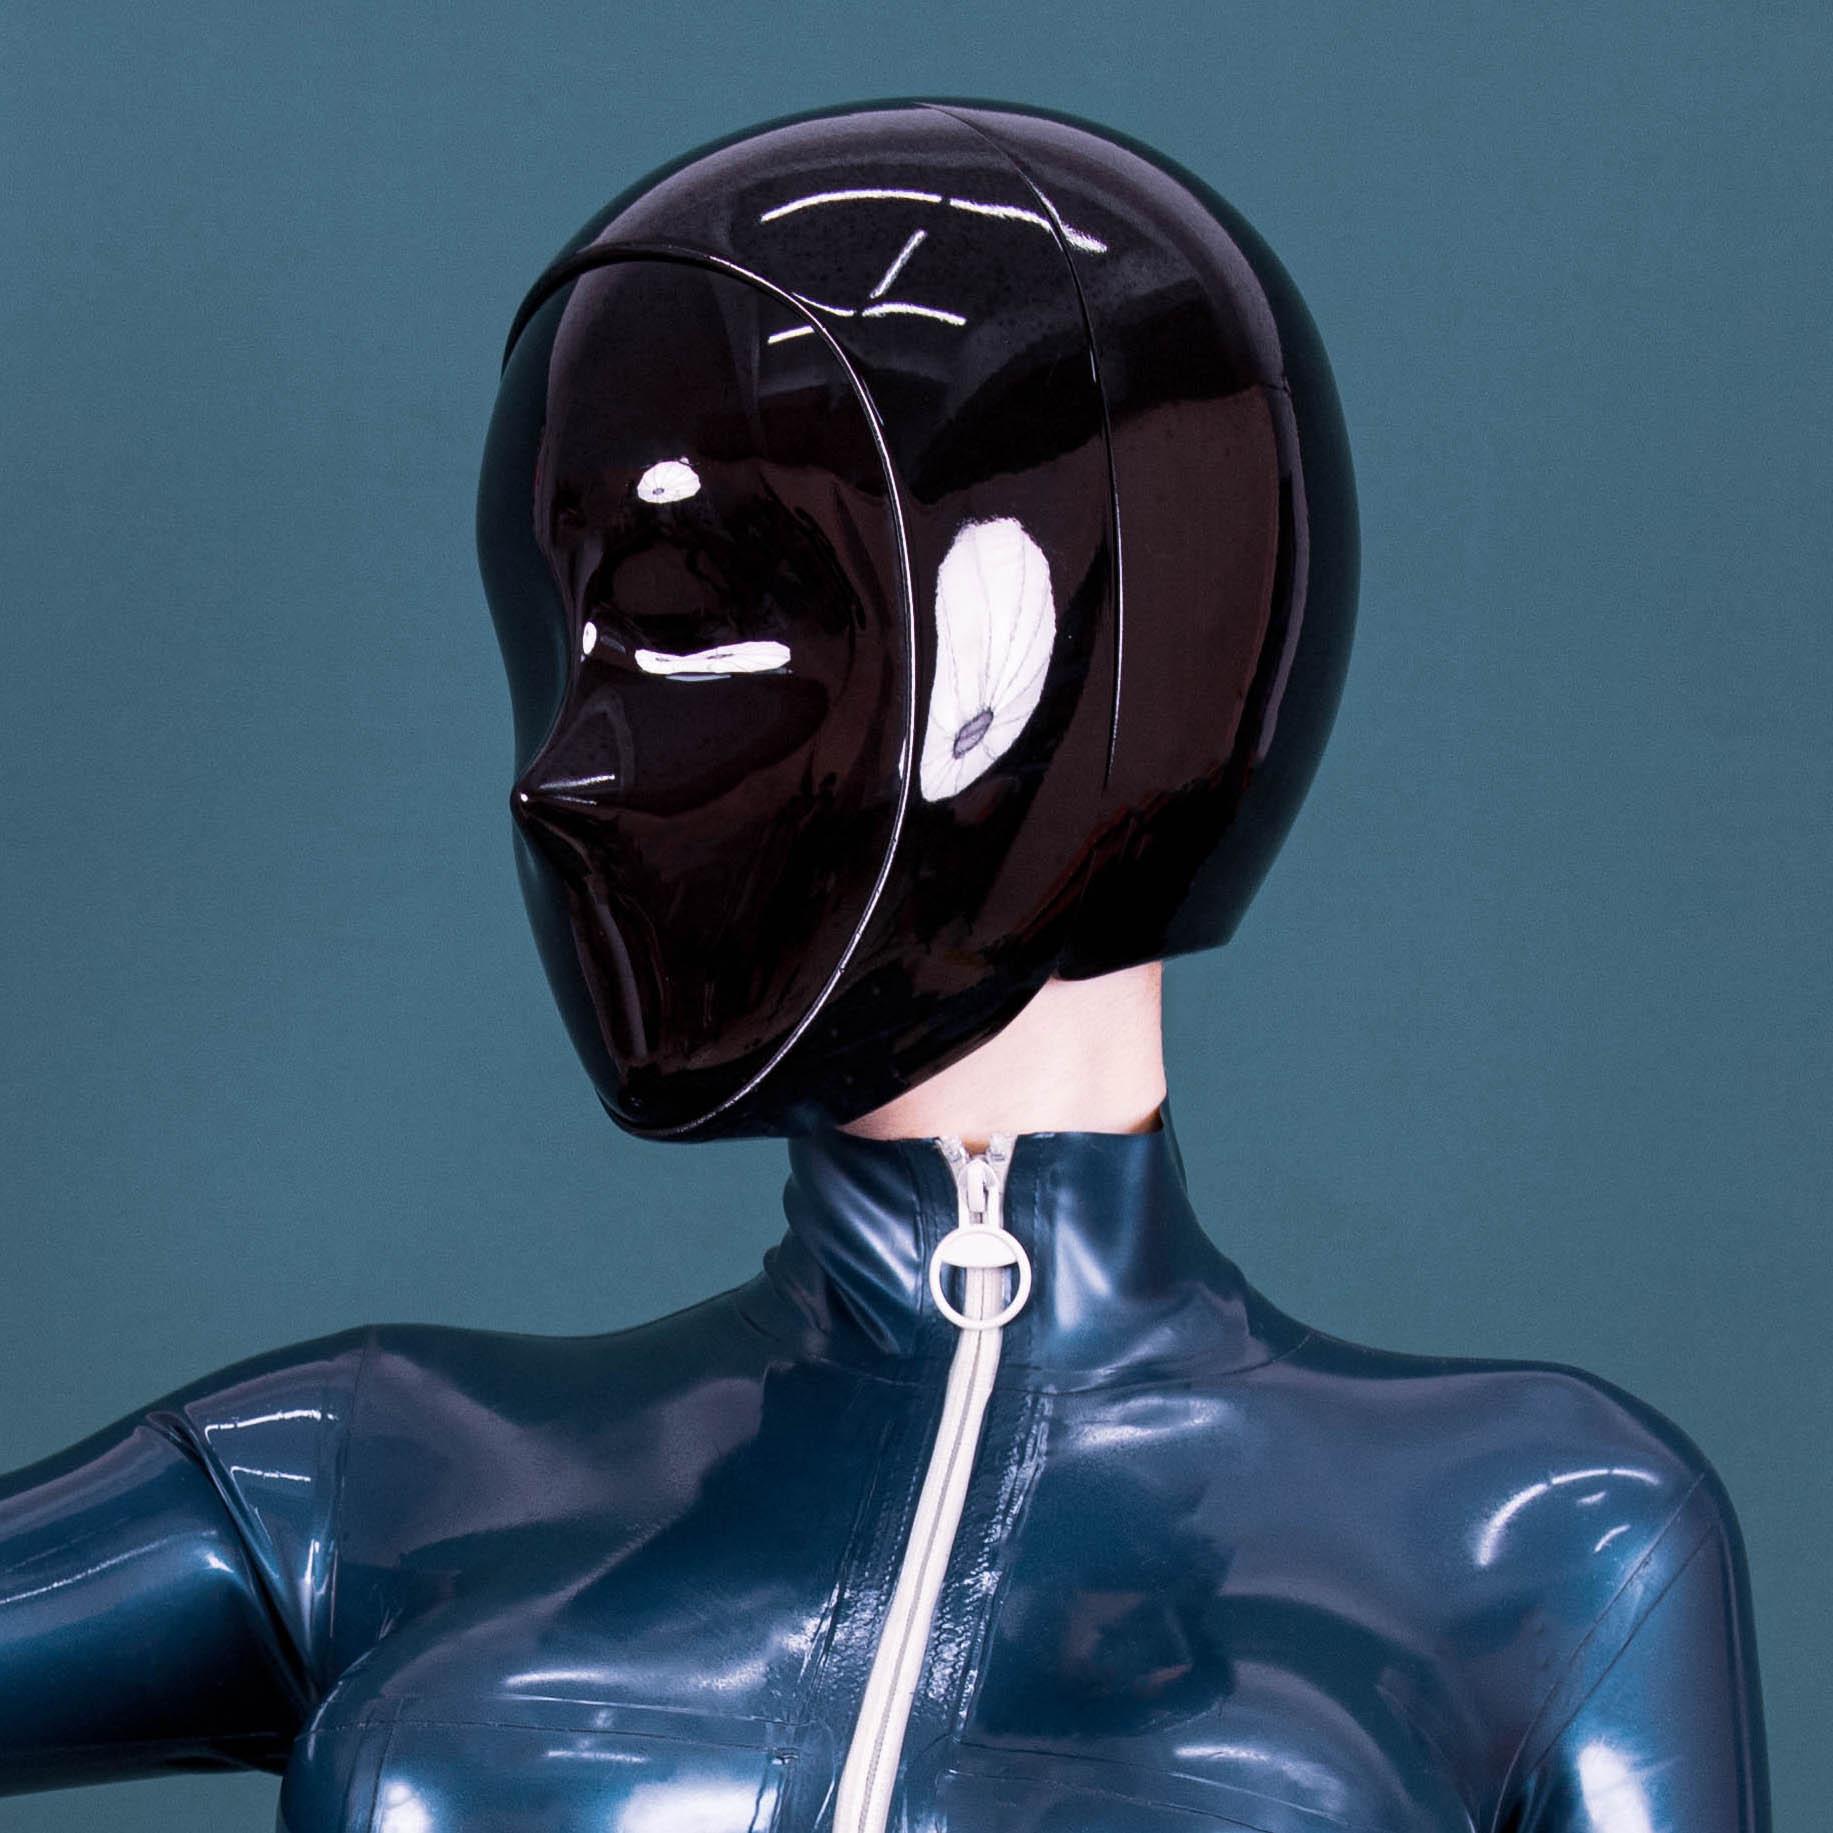 (GT-01)Crossdress تخصيص ManiaJuns كامل قناع الرأس 'متابعة' Shemale الذكور إلى الإناث قناع دمية